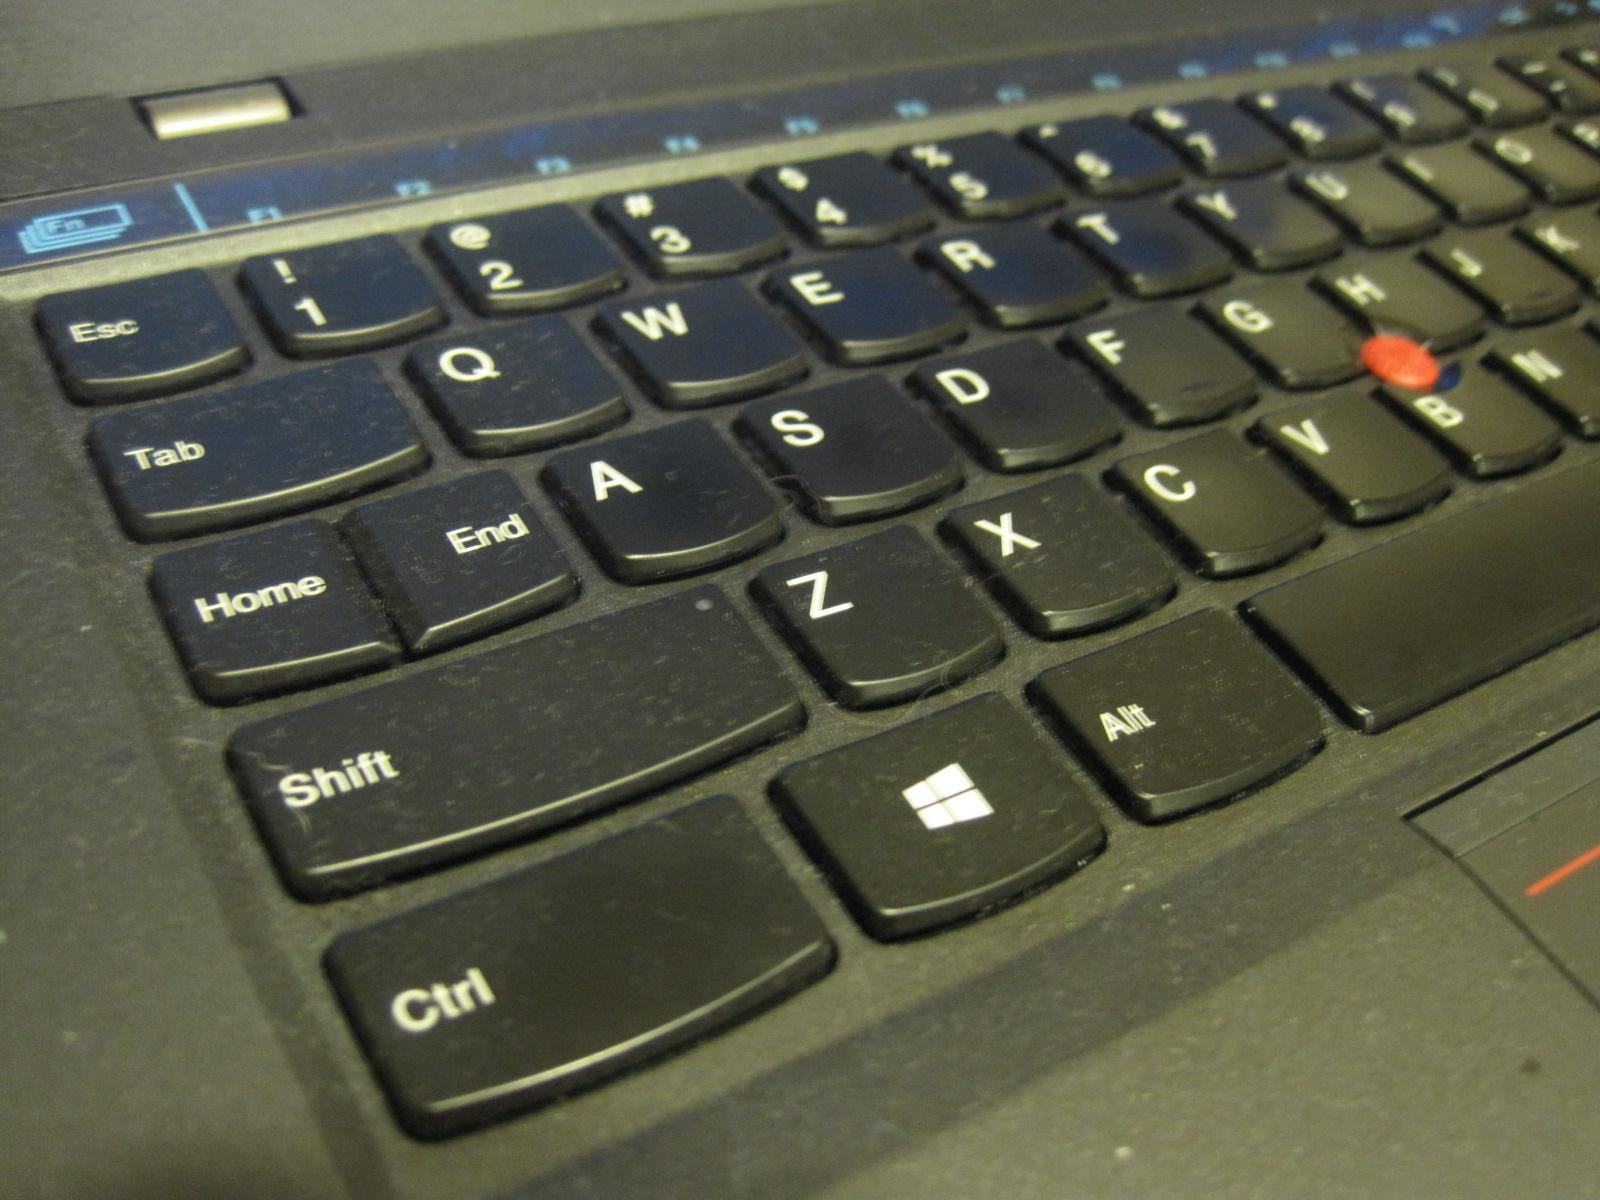 新しいThinkPad X1 Carbon 英語キーボードを使って4か月 だいぶ慣れました